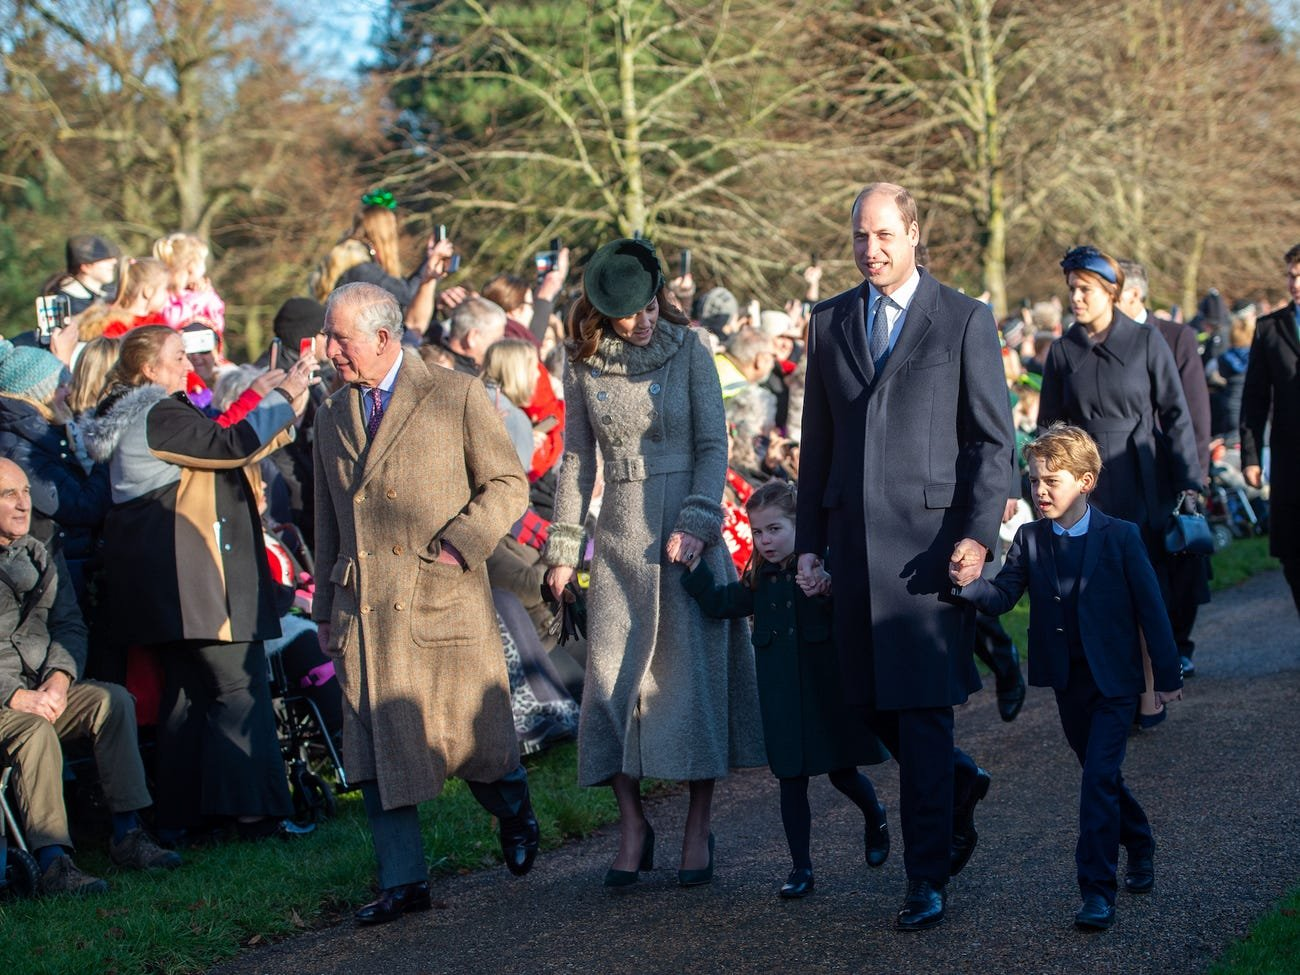 royal xmas.jpeg?resize=412,232 - La princesse Charlotte enlaçant une inconnue suscite de vives critiques à l'encontre de Kate Middleton